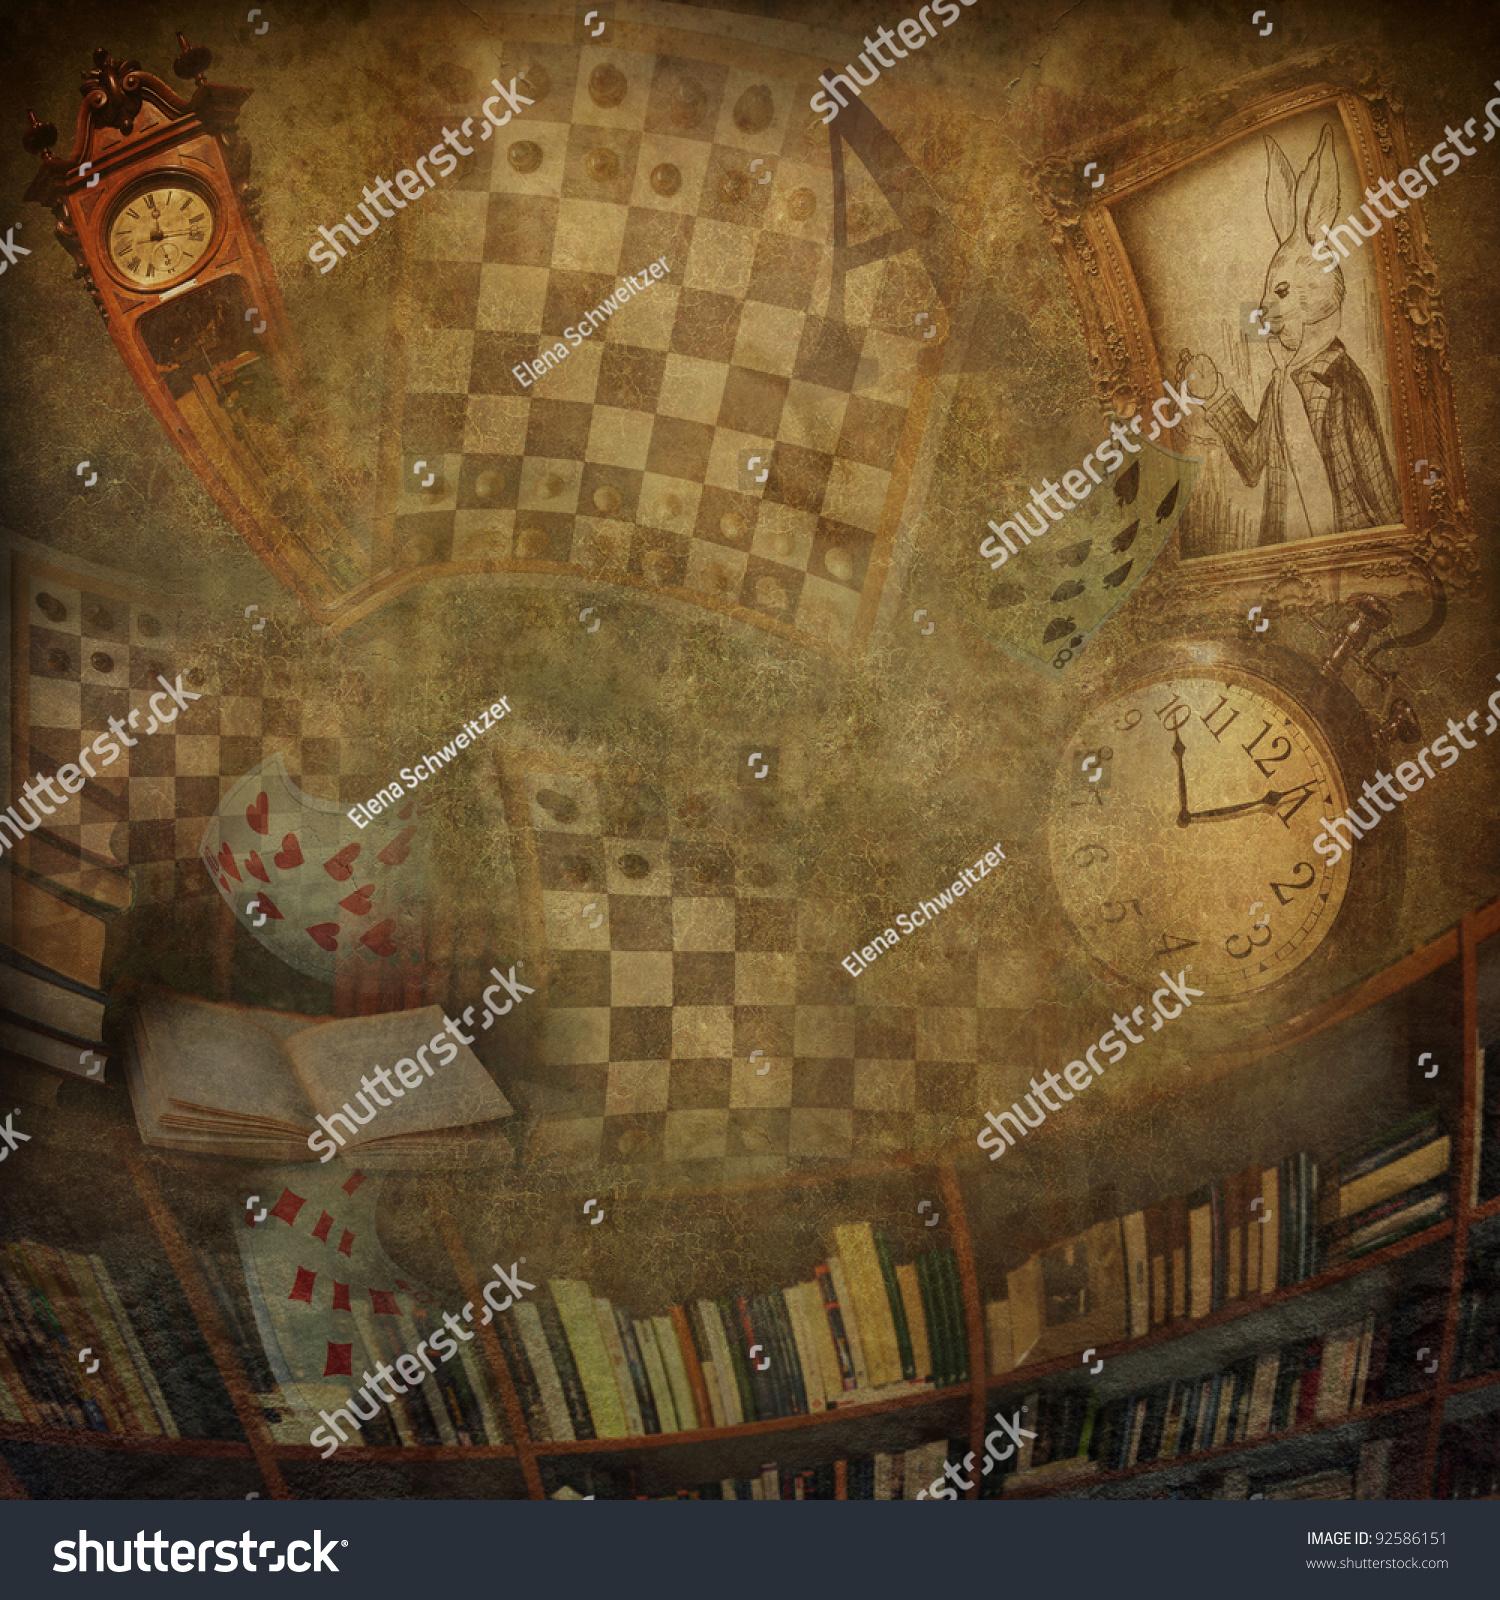 Abstract Background Novel Alice Wonderland Stock Photo